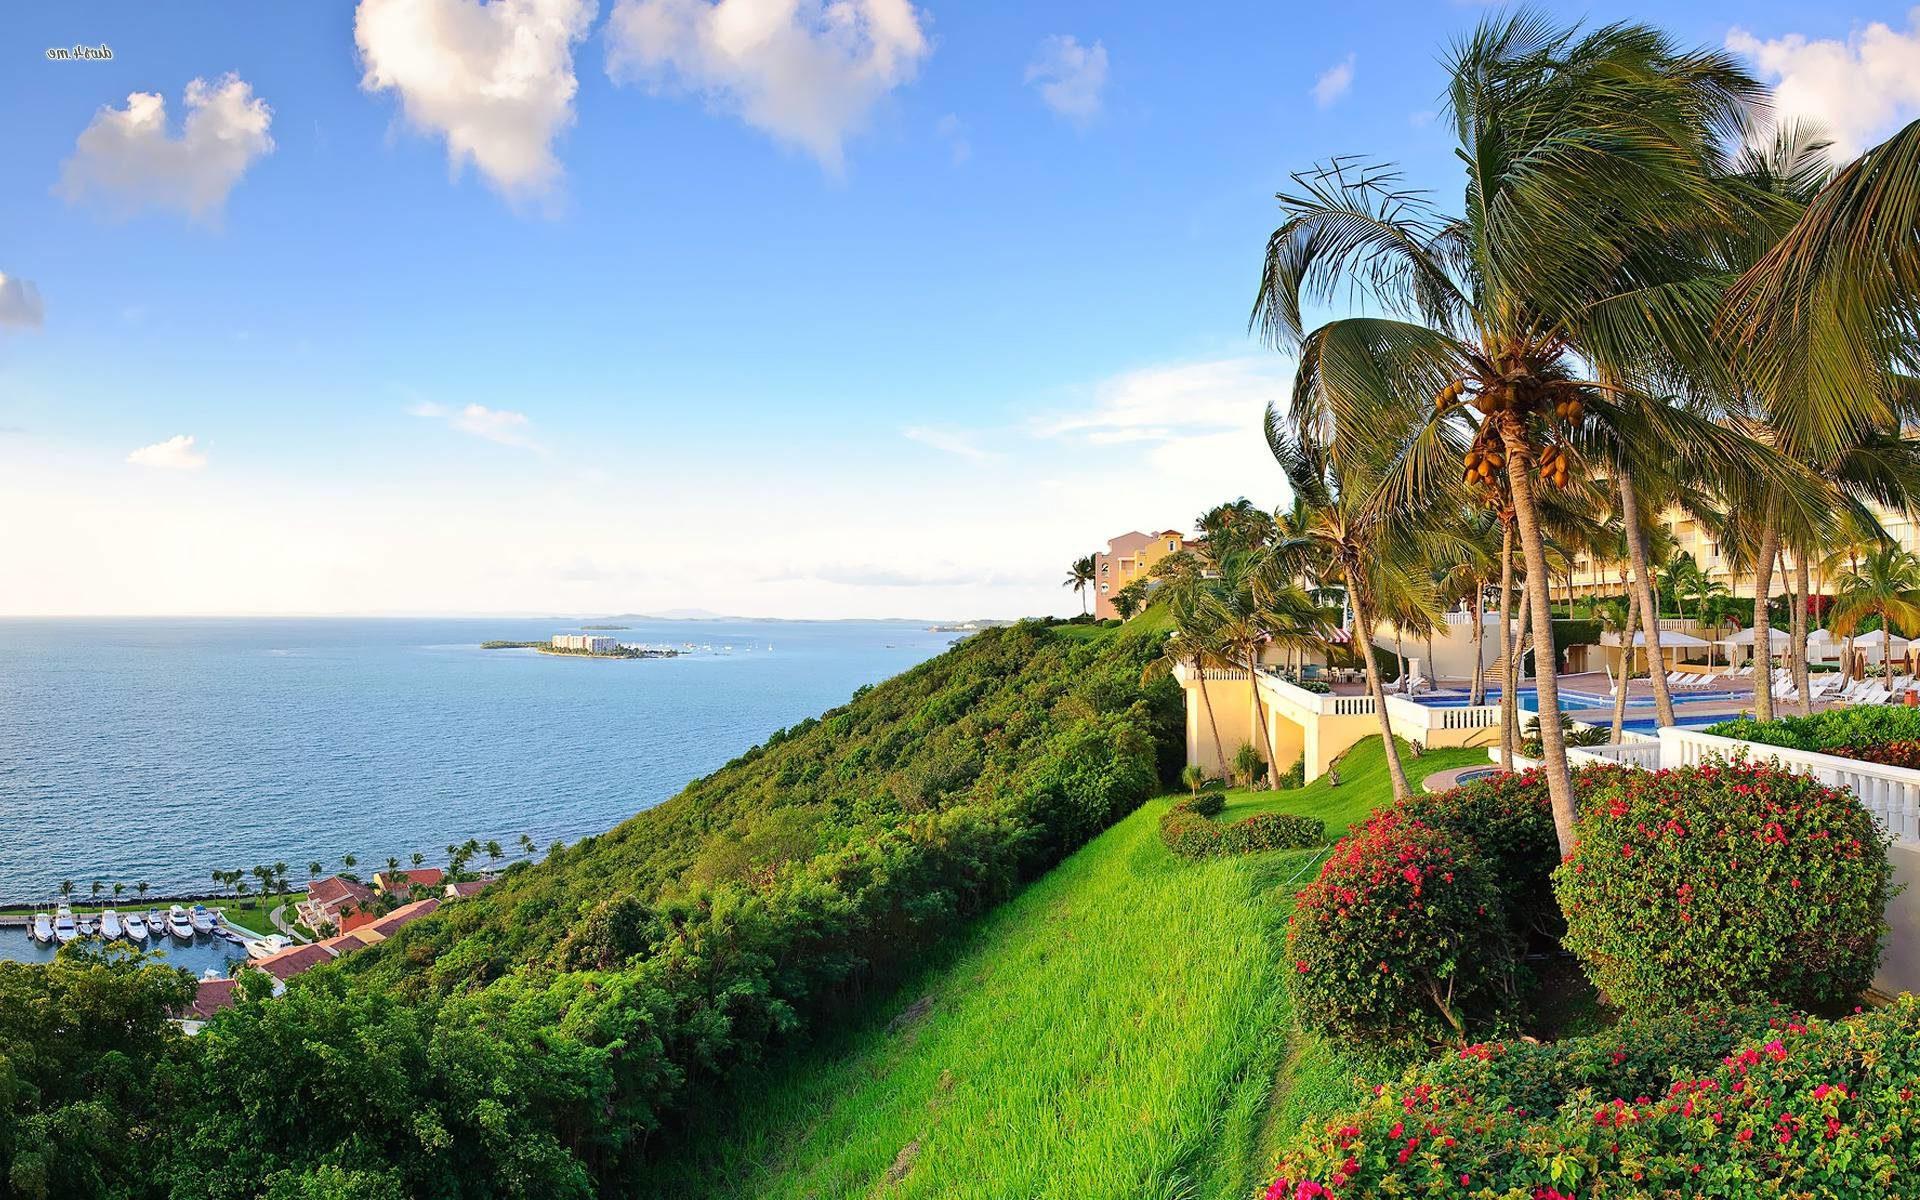 Puerto Rico, La-la-land